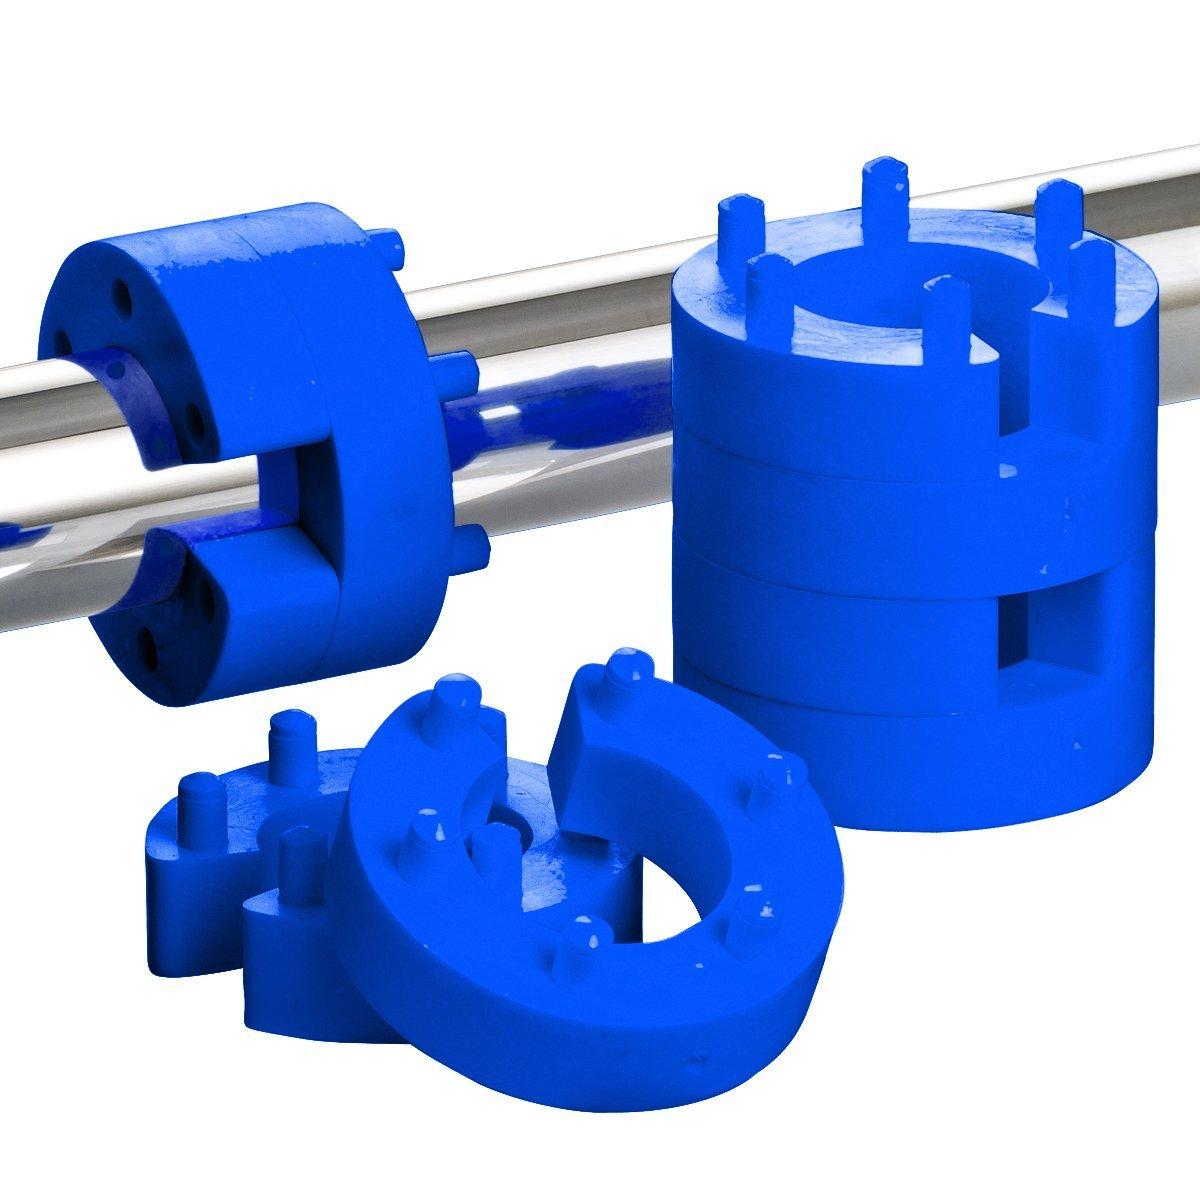 8er Set 13mm Federwegsbegrenzer Blue Line mit 6-Fach Positionierung Federwegbegrenzer xenohype